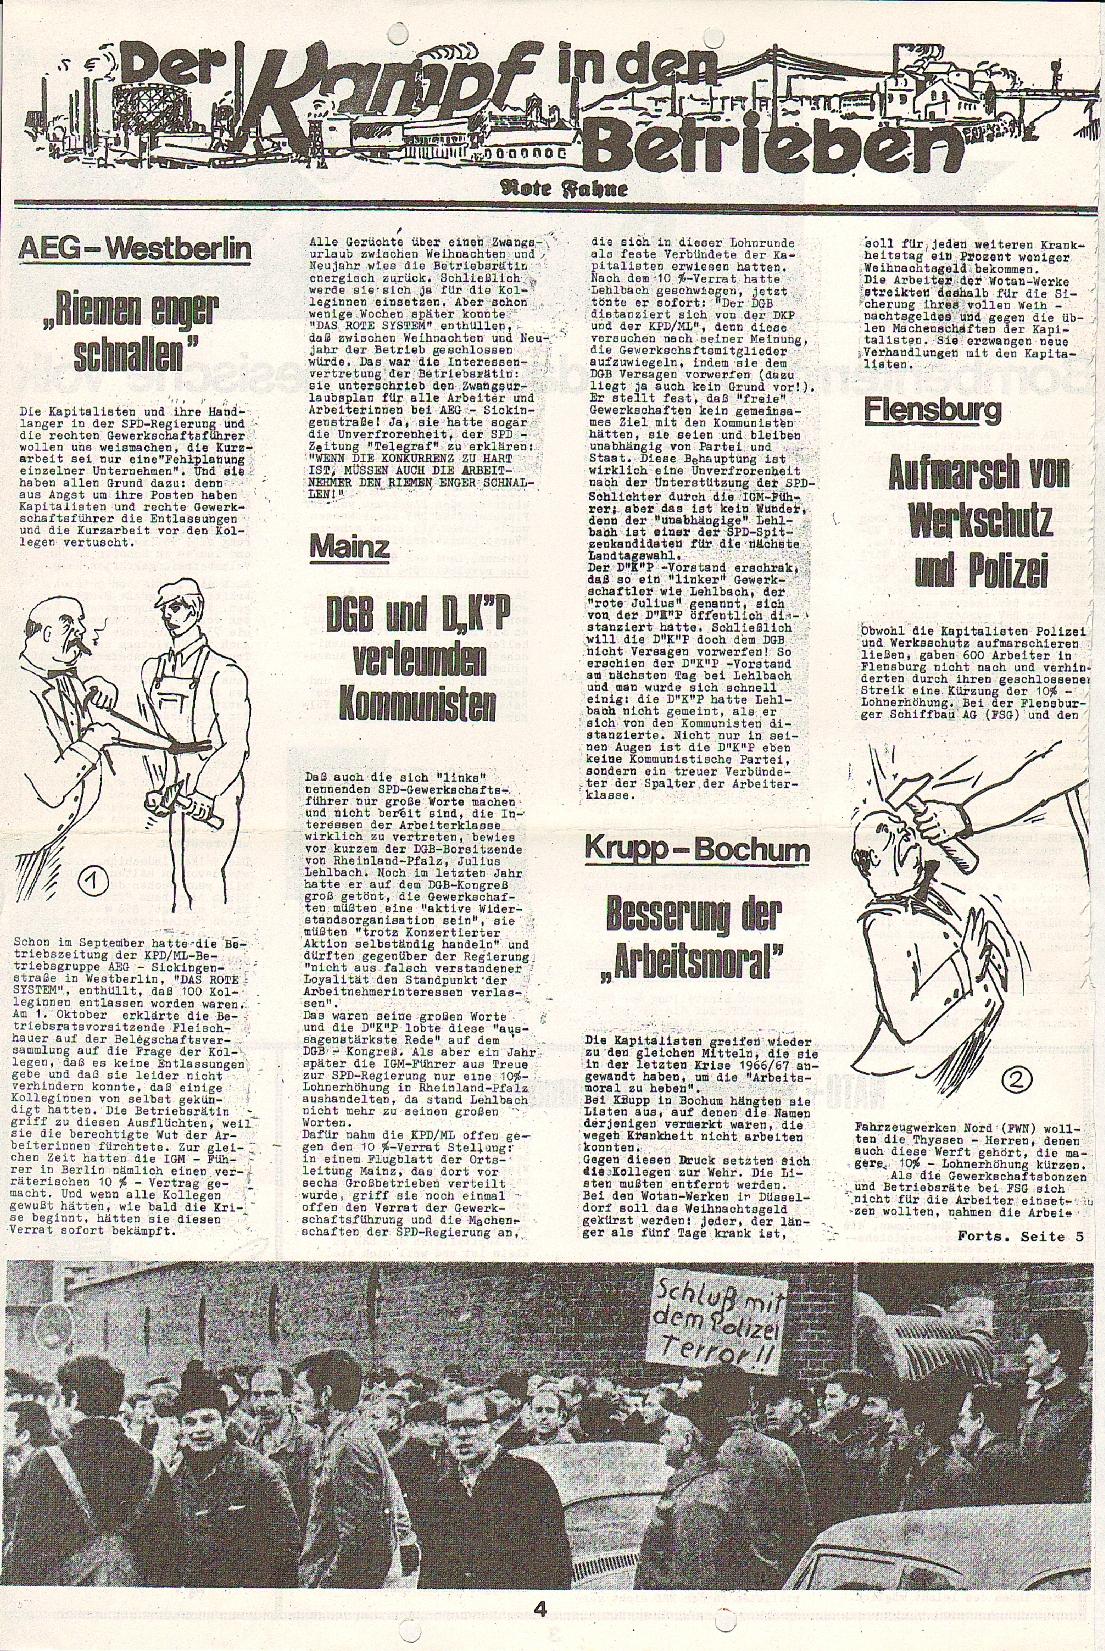 Rote Fahne, 1. Jg., 7.12.1970, Nr. 5, Seite 4